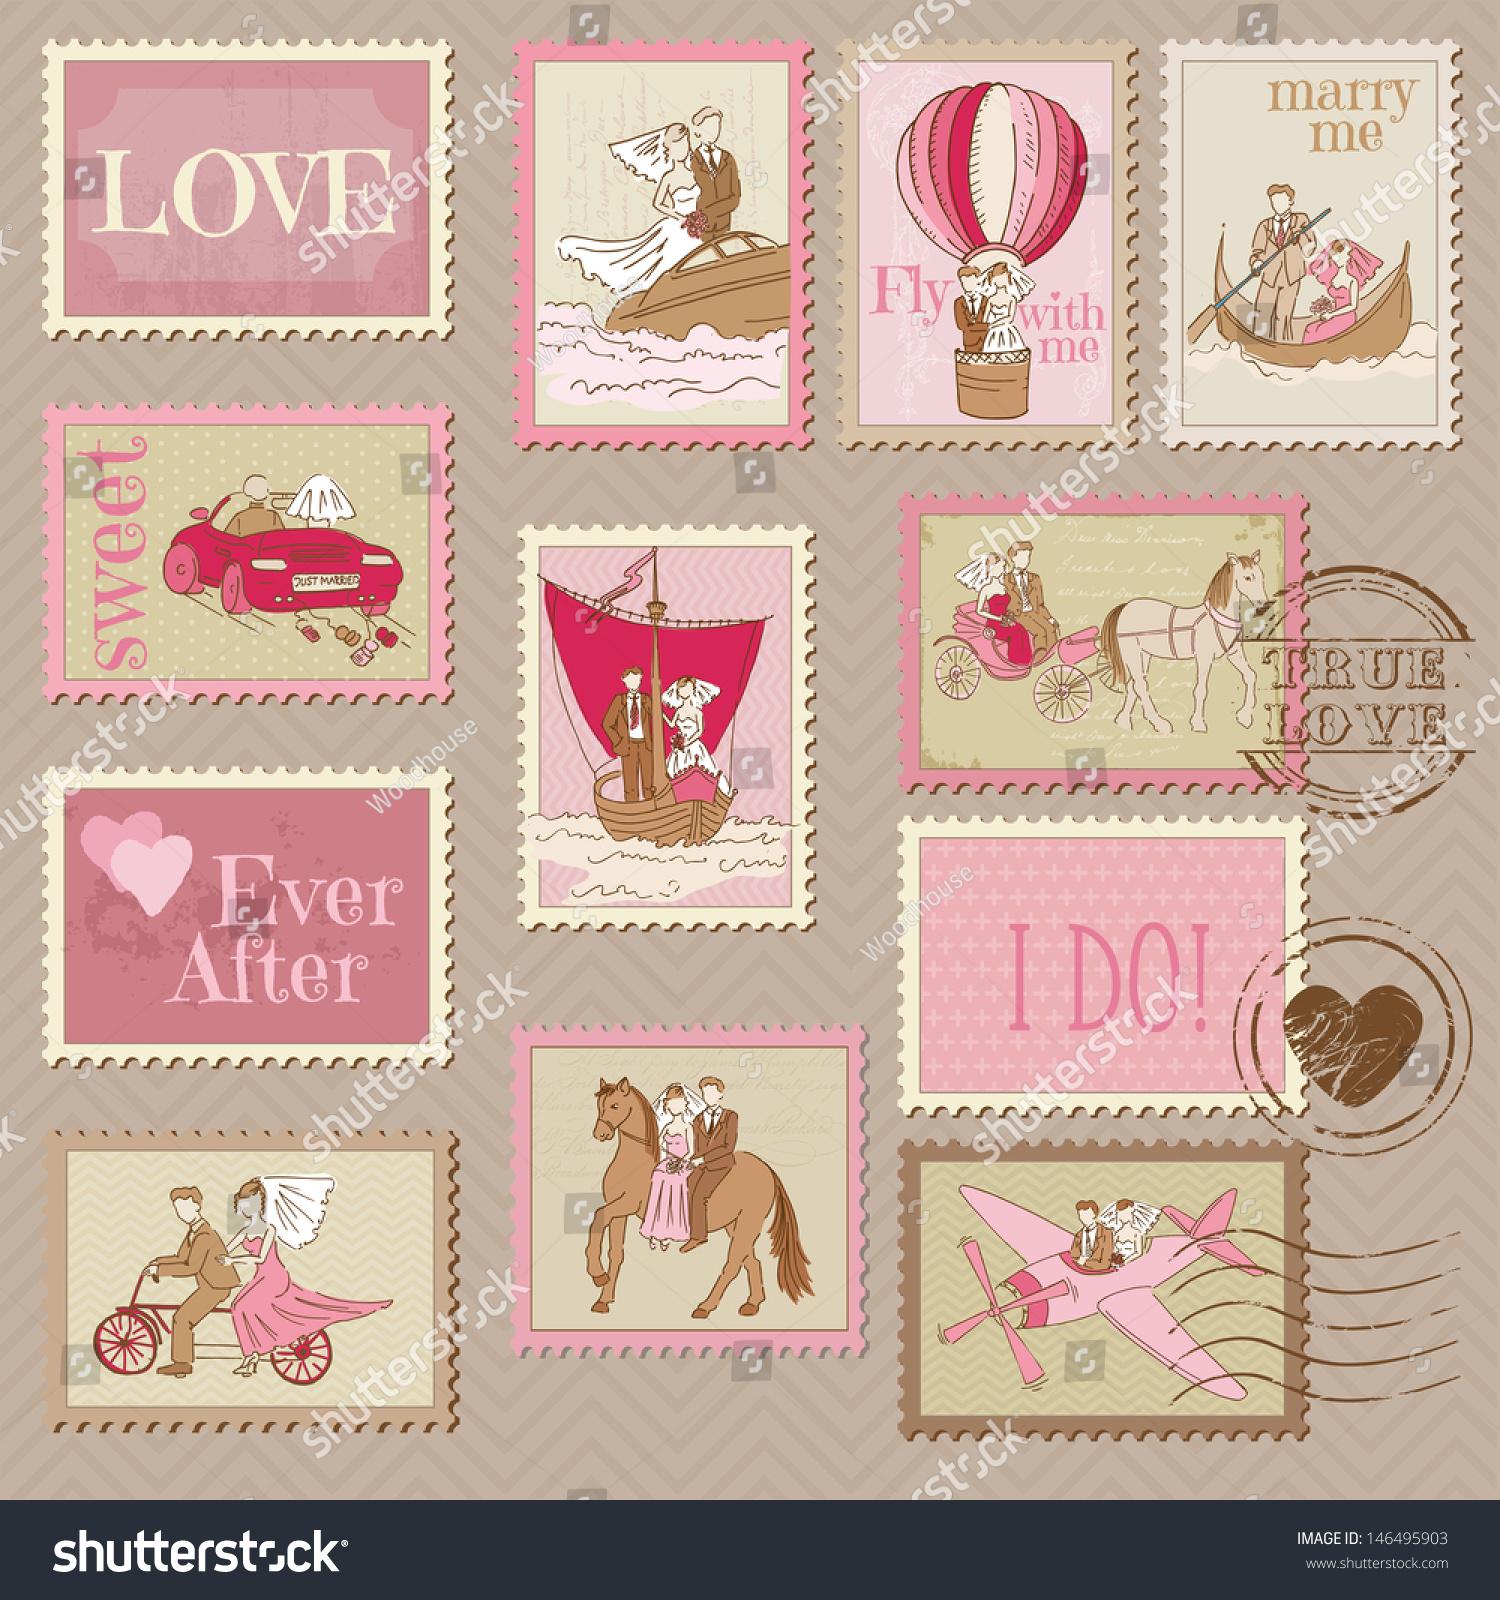 Wedding Postage Stamps Design Scrapbook Vector Stock Vector (Royalty ...